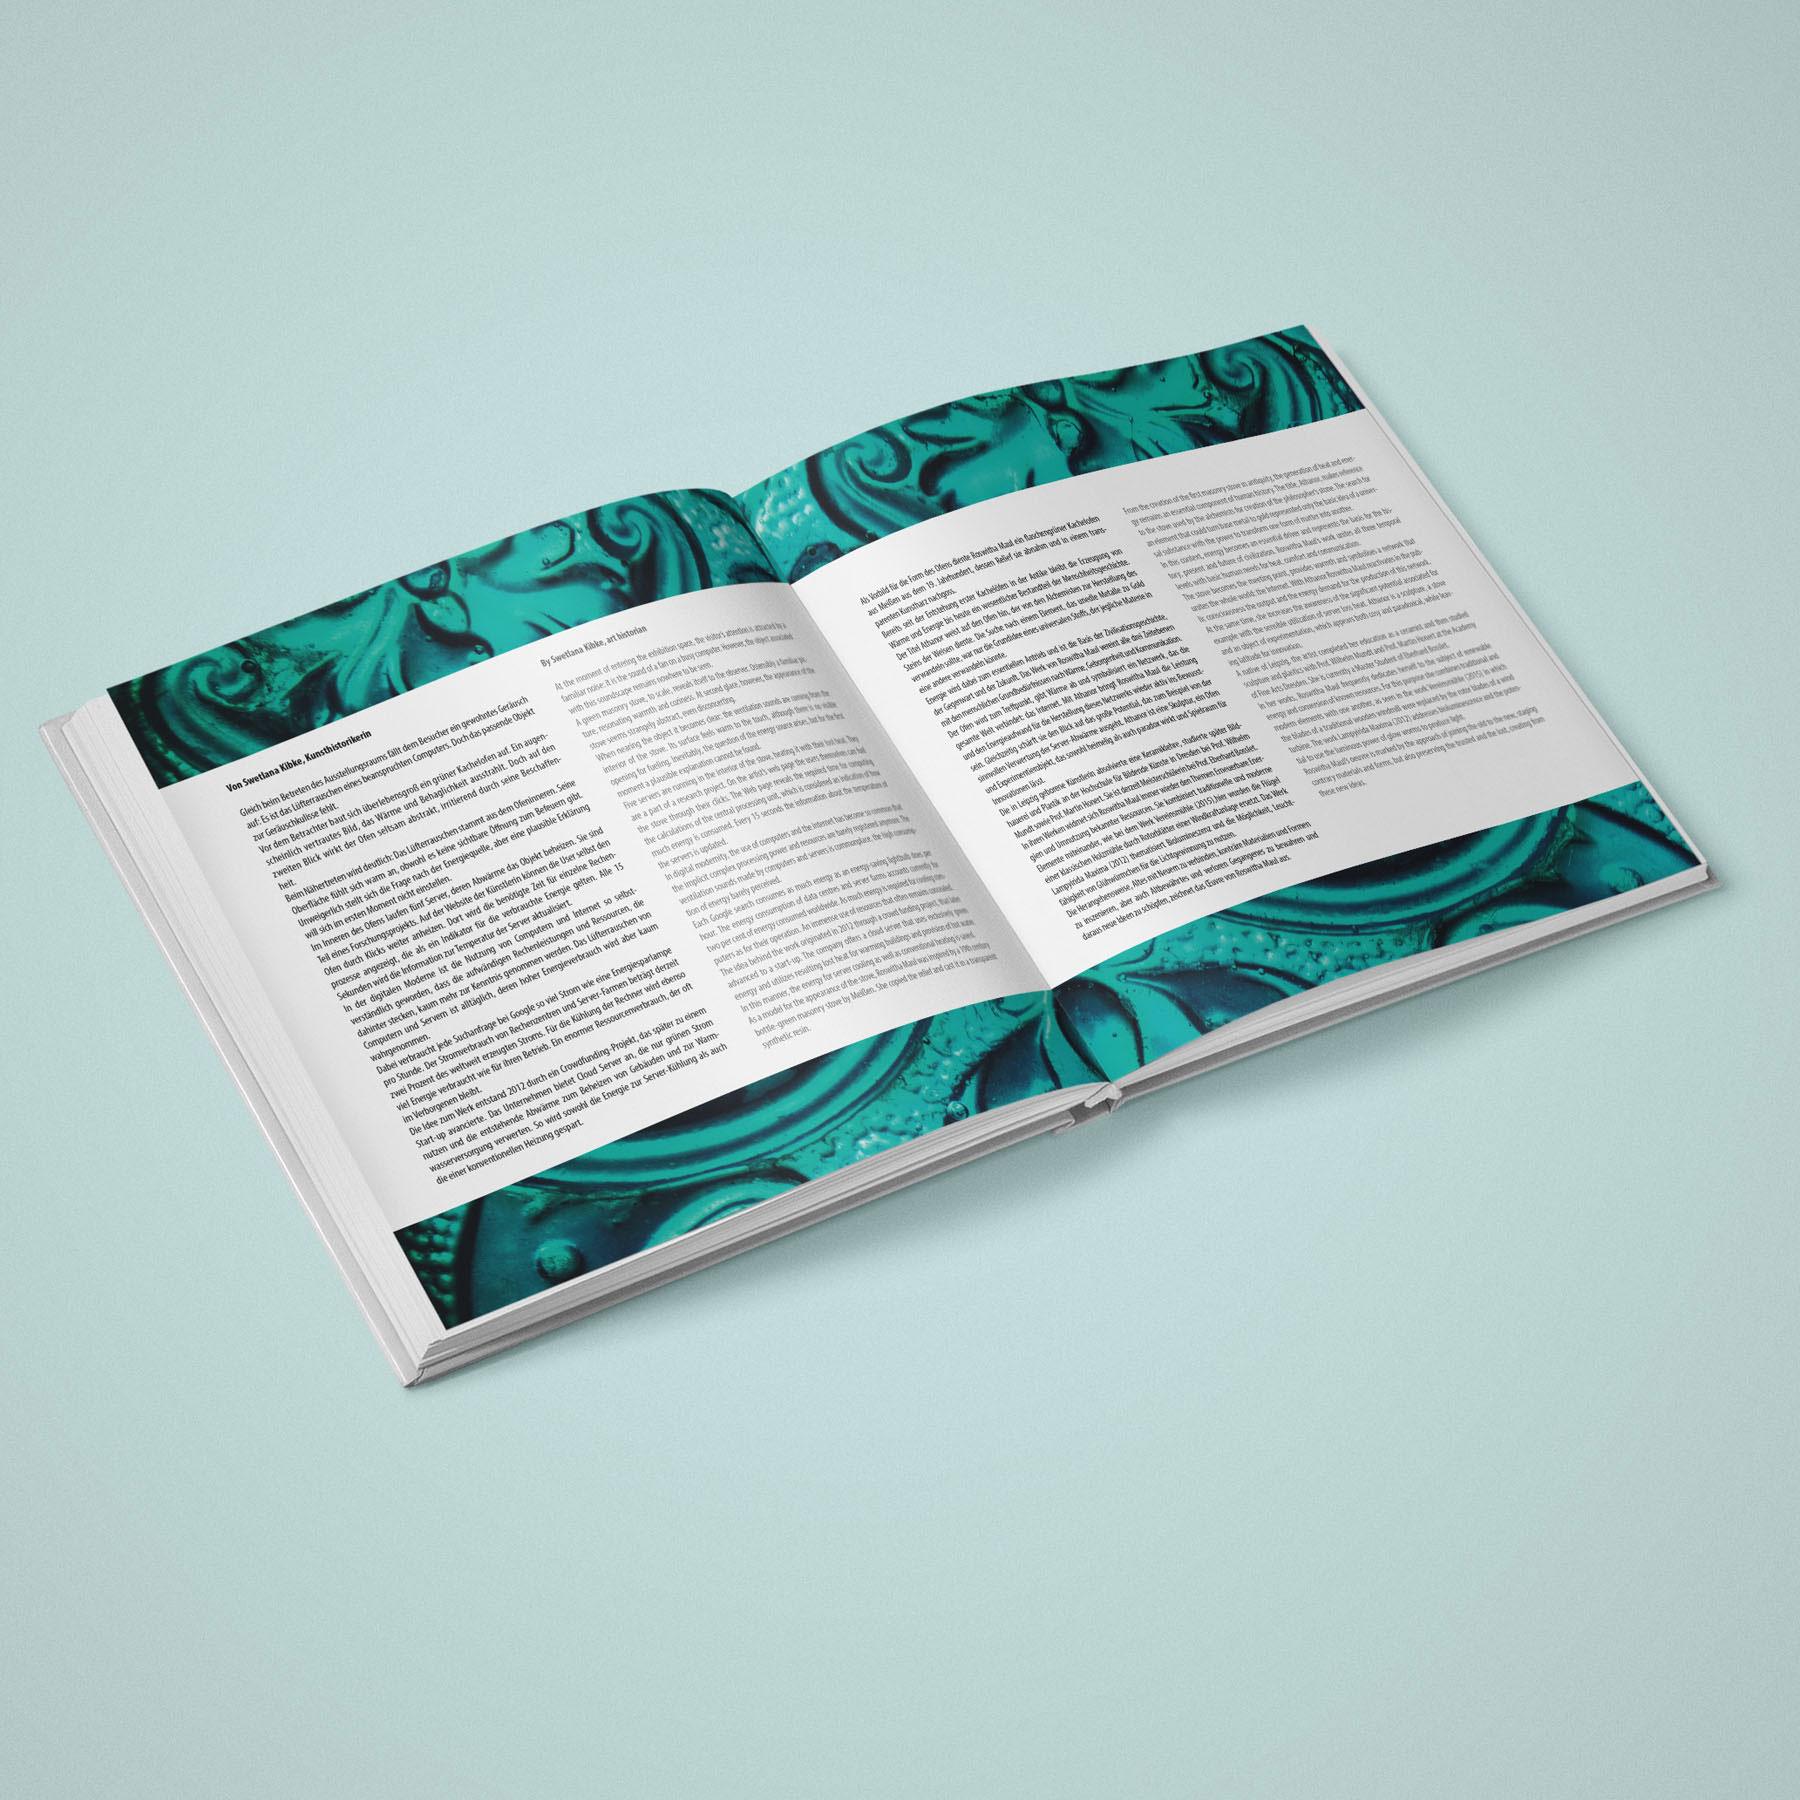 EnergieWendKunst-Buch von Idealist Publishing produziert